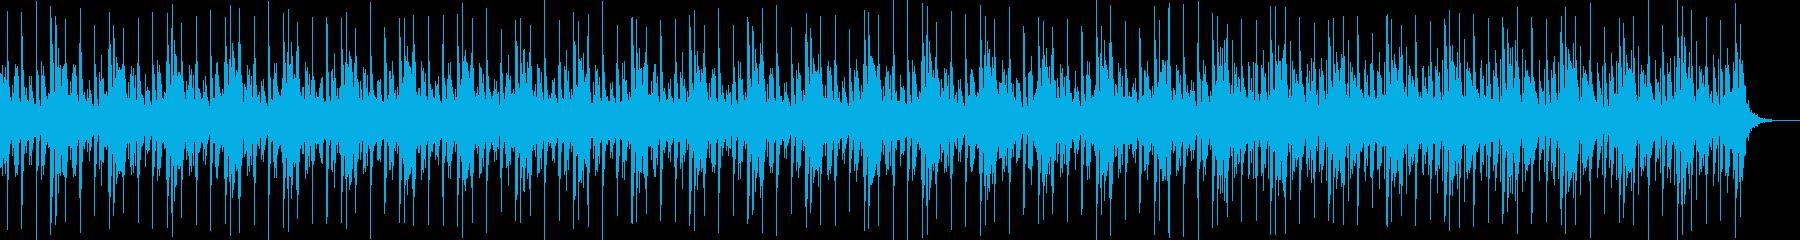 CM・躍動感・オープニング・クラップの再生済みの波形